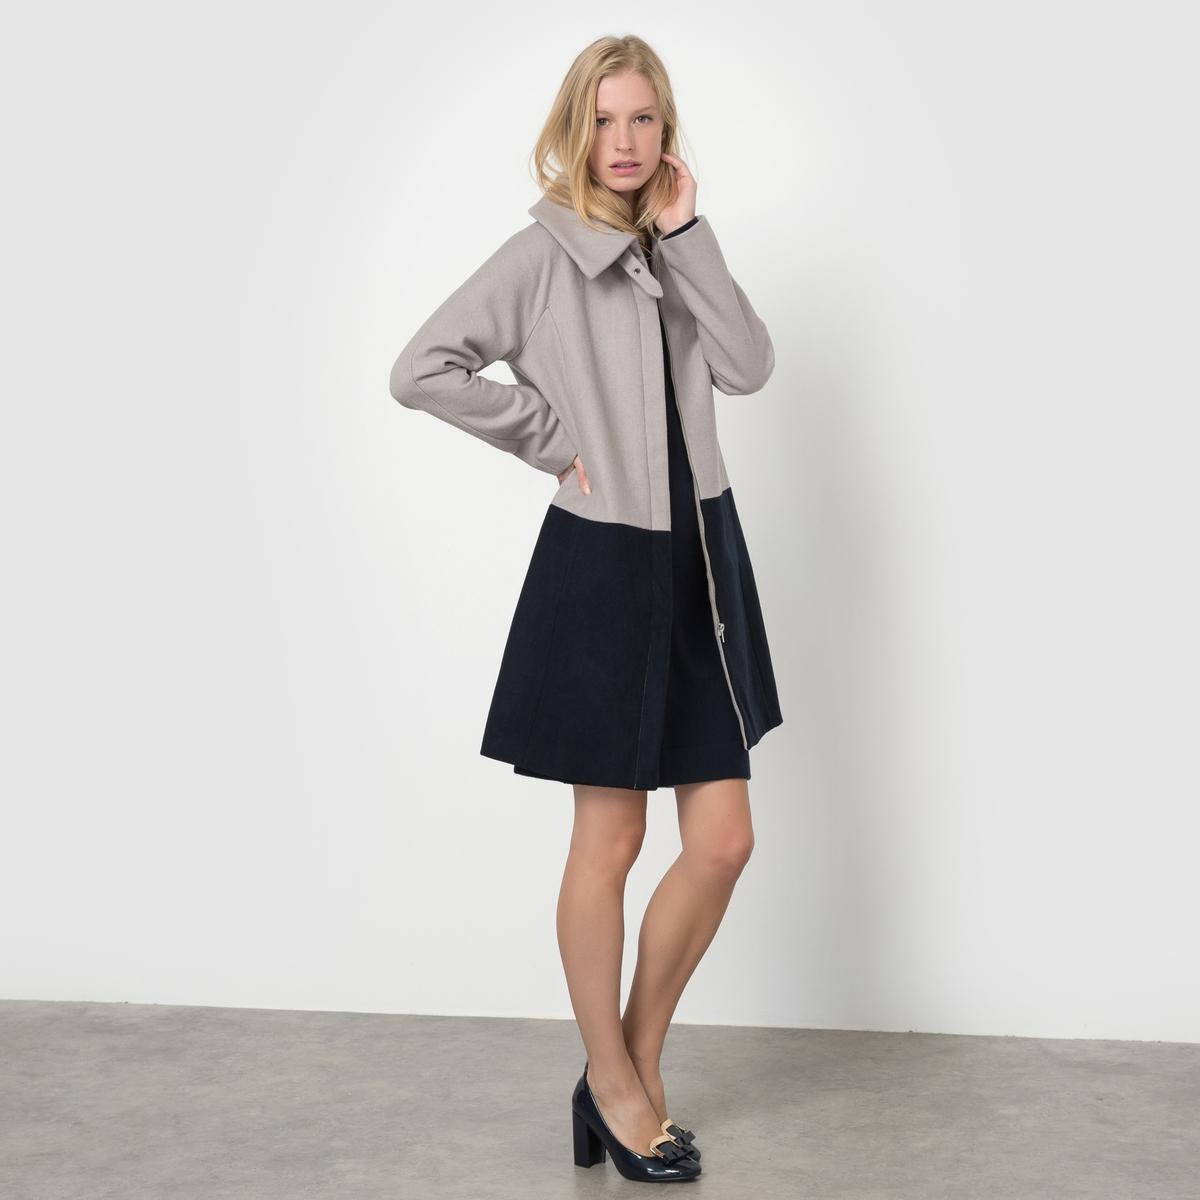 Пальто двухцветное, 55% шерсти пальто 55